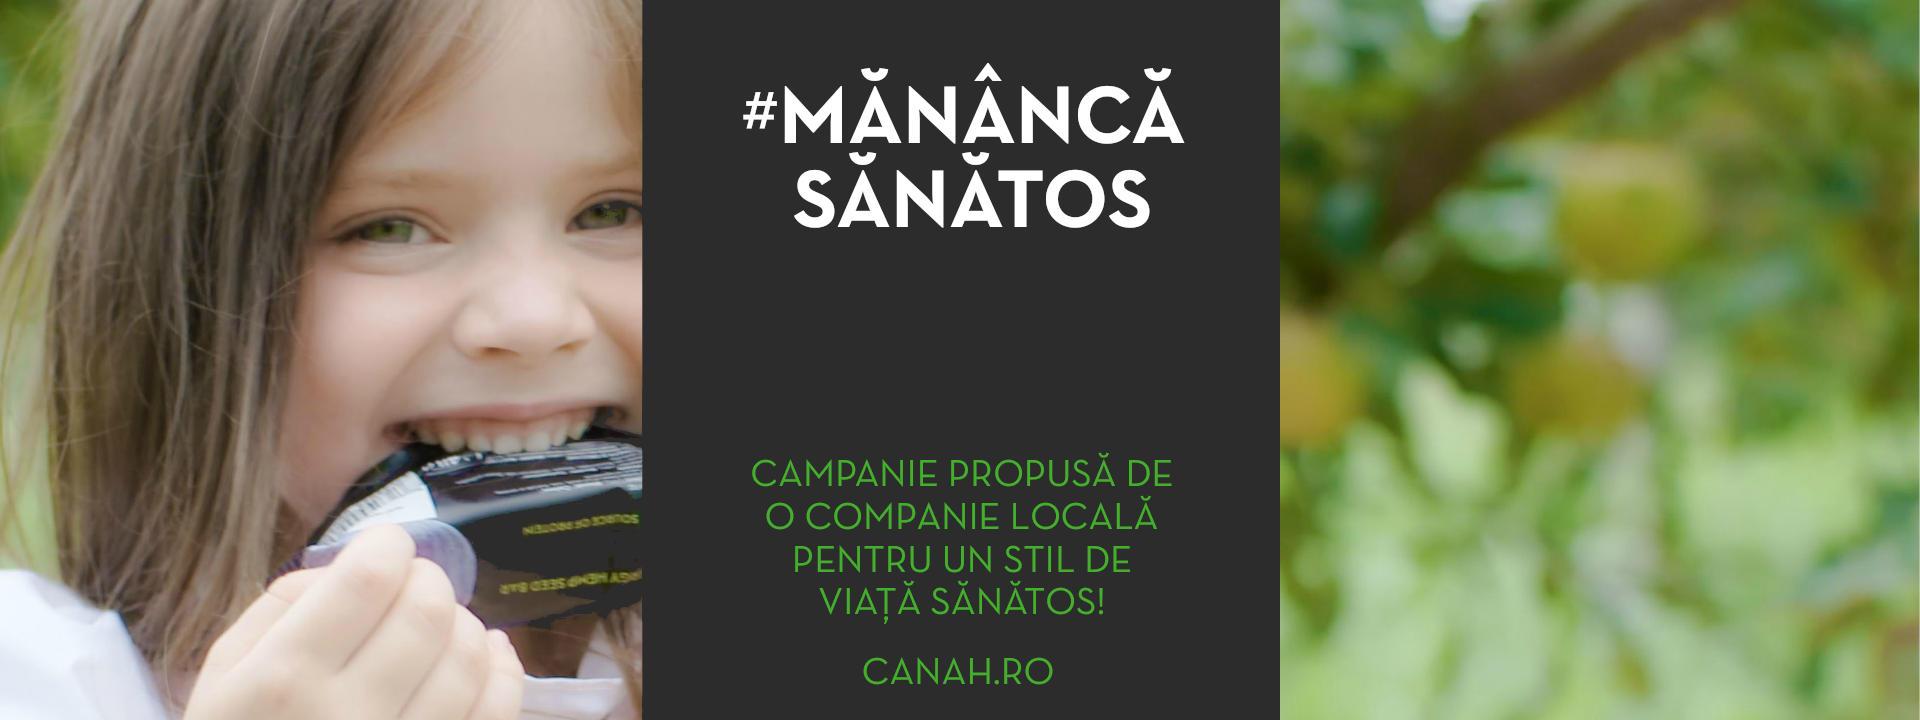 cover mananca sanatos b